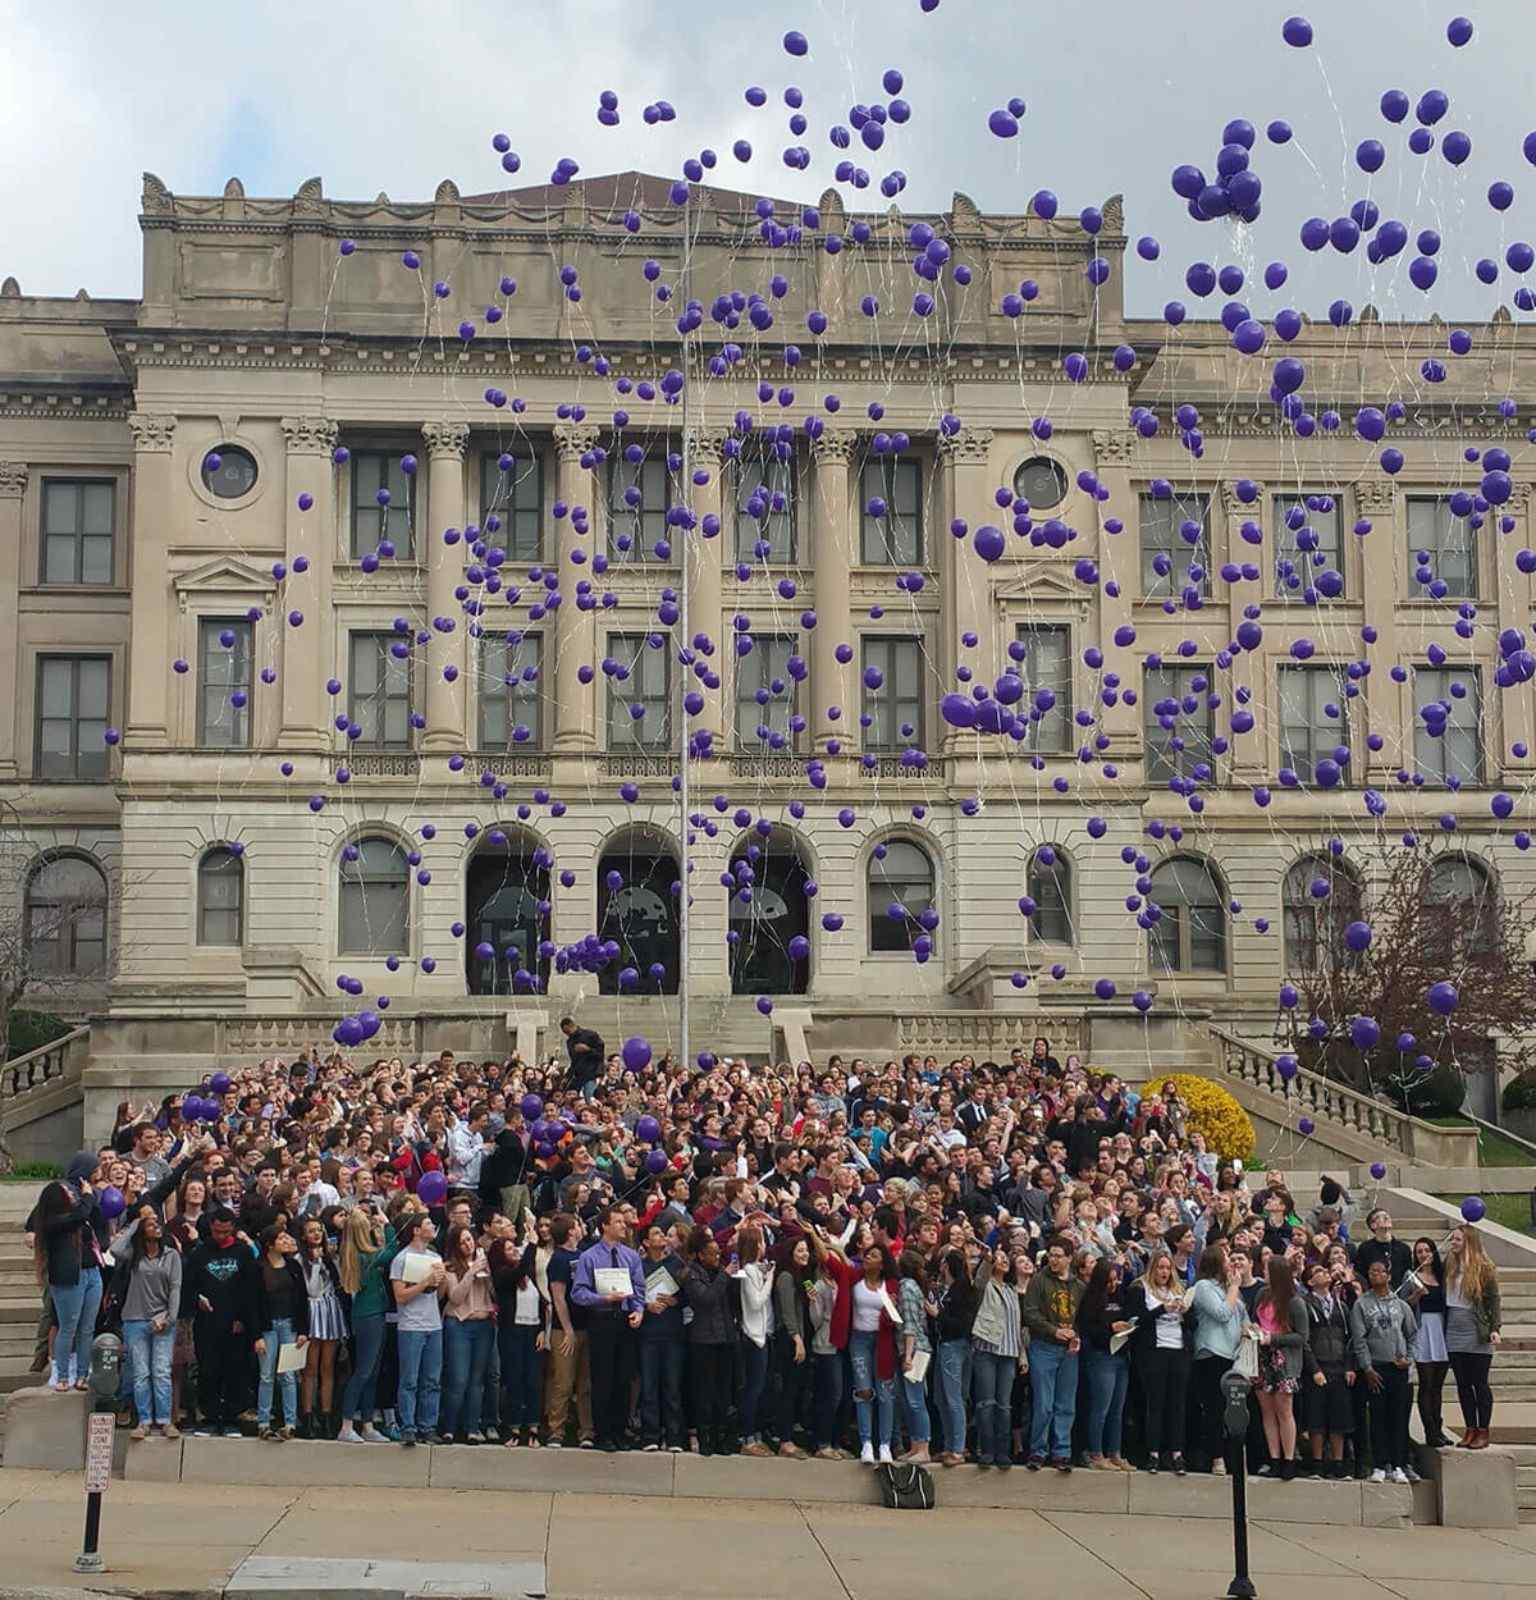 Central High School balloon release